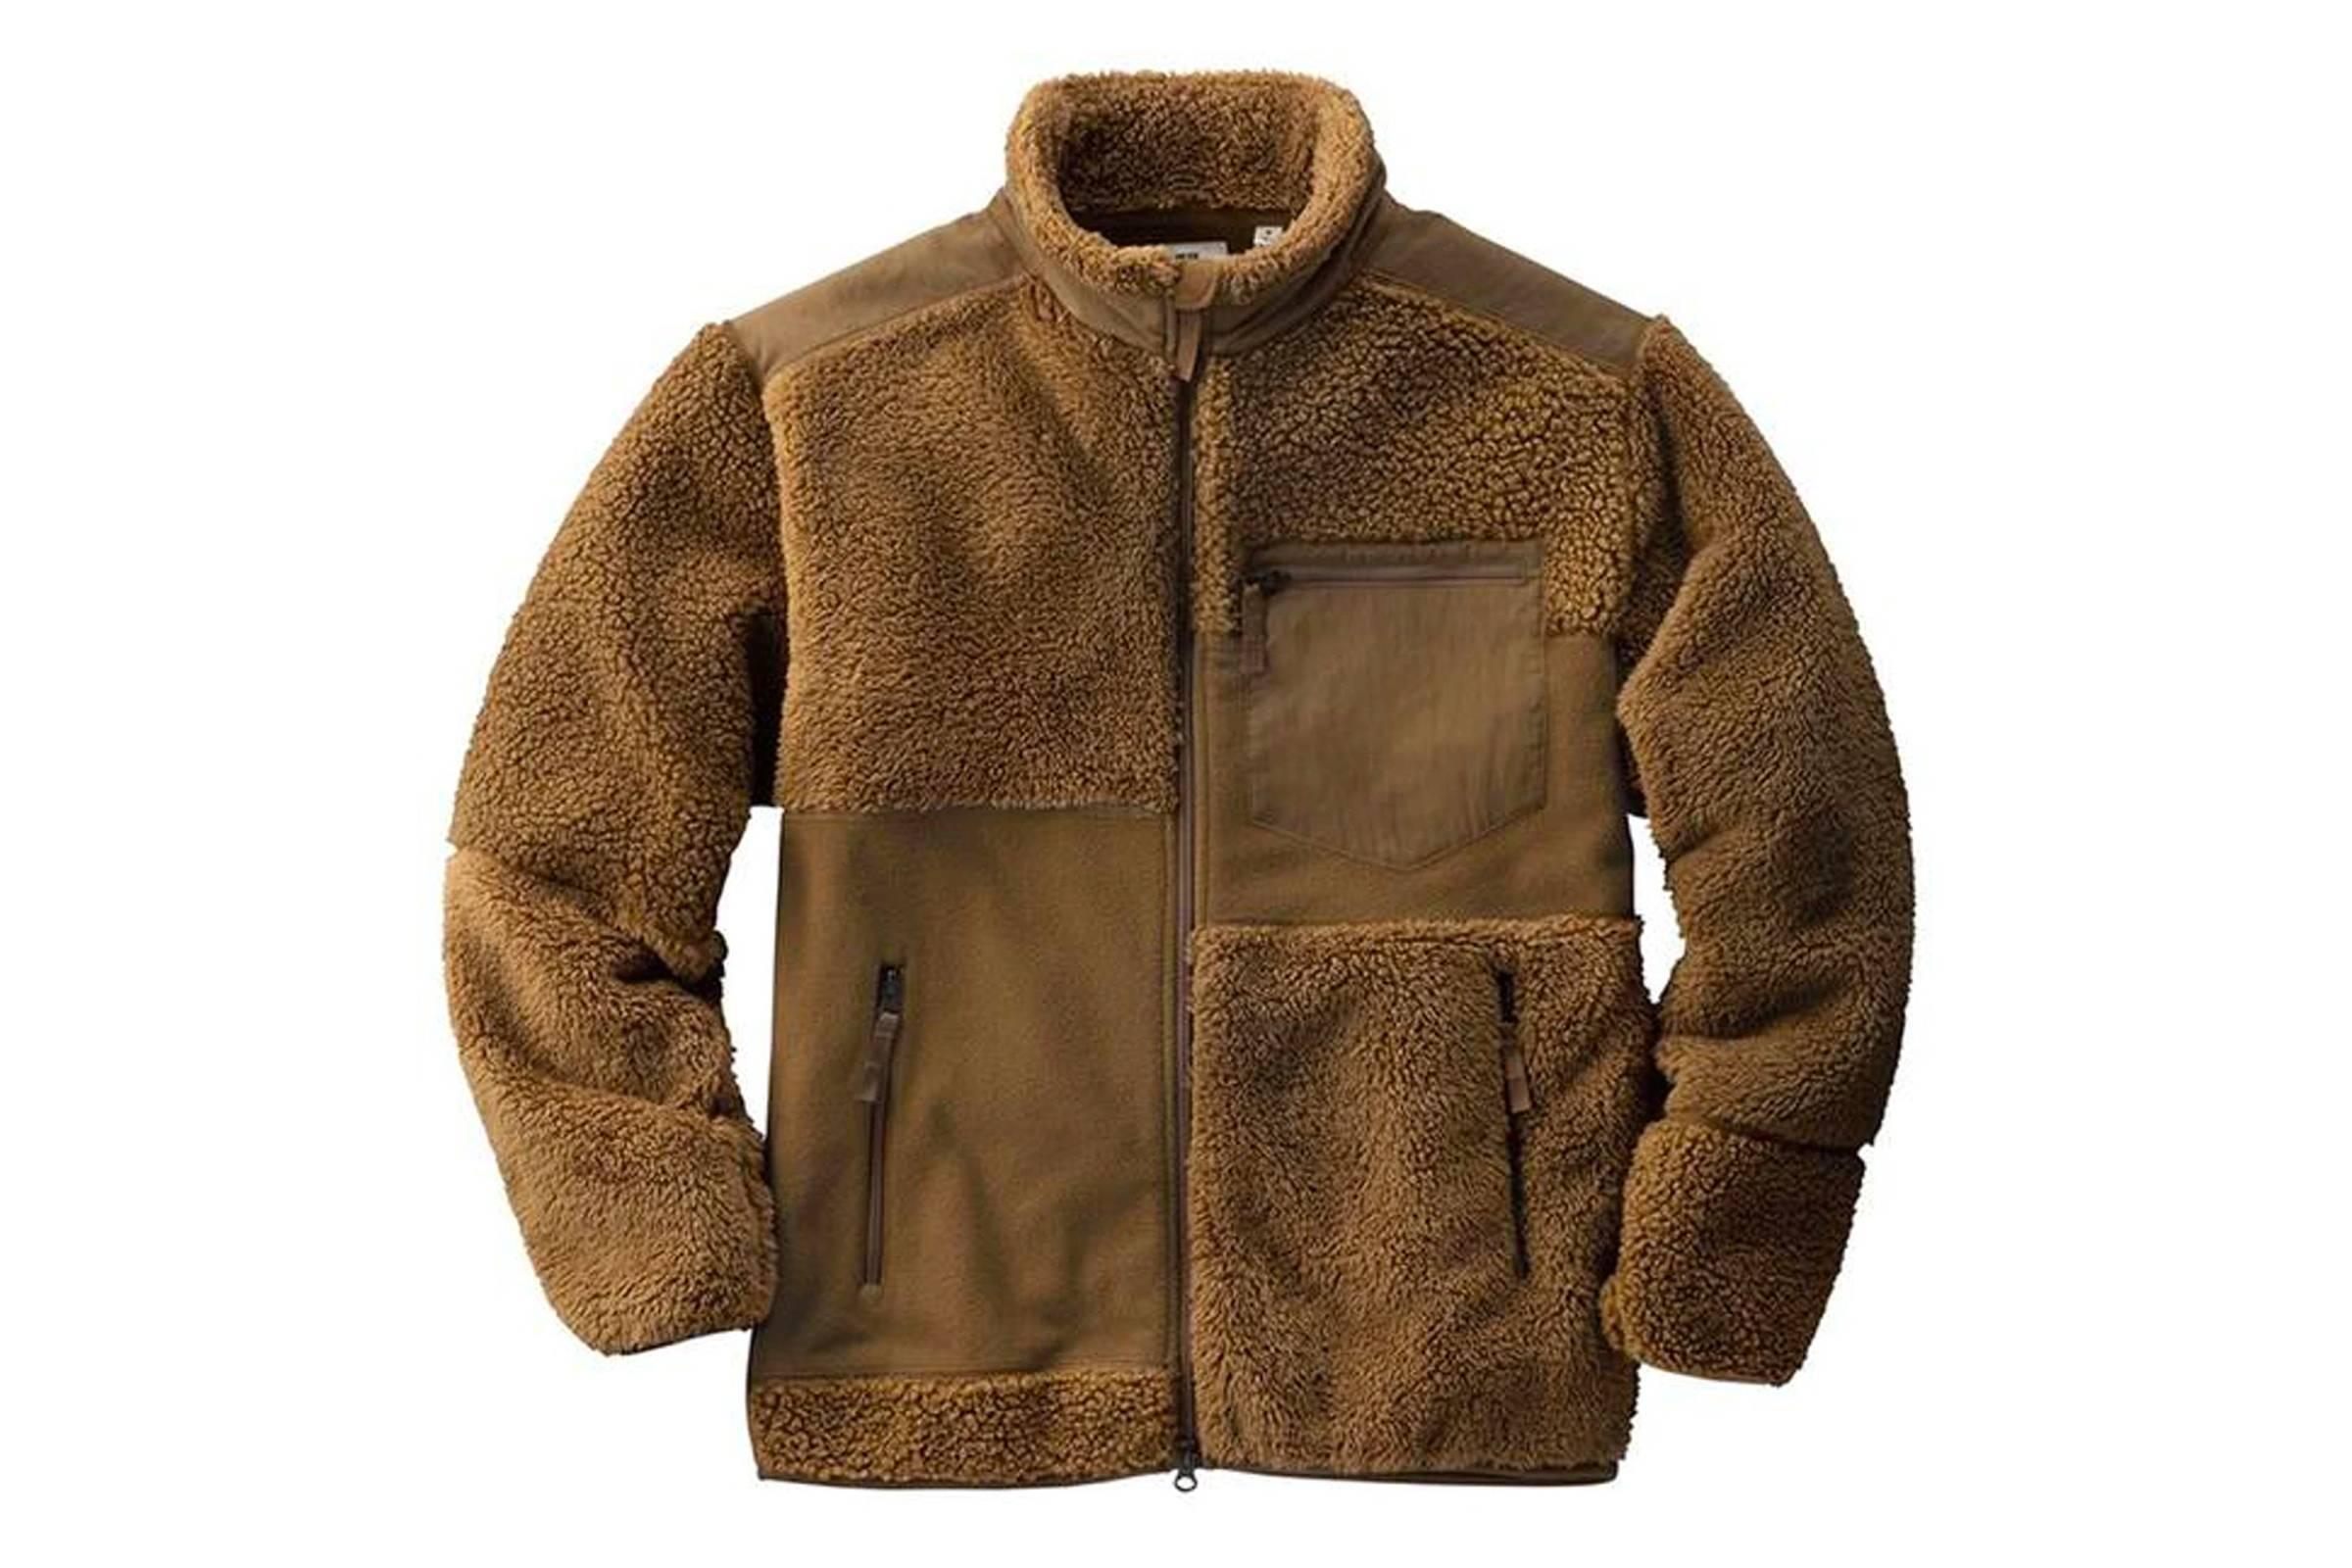 Engineered Garments x Uniqlo Patchwork Fleece